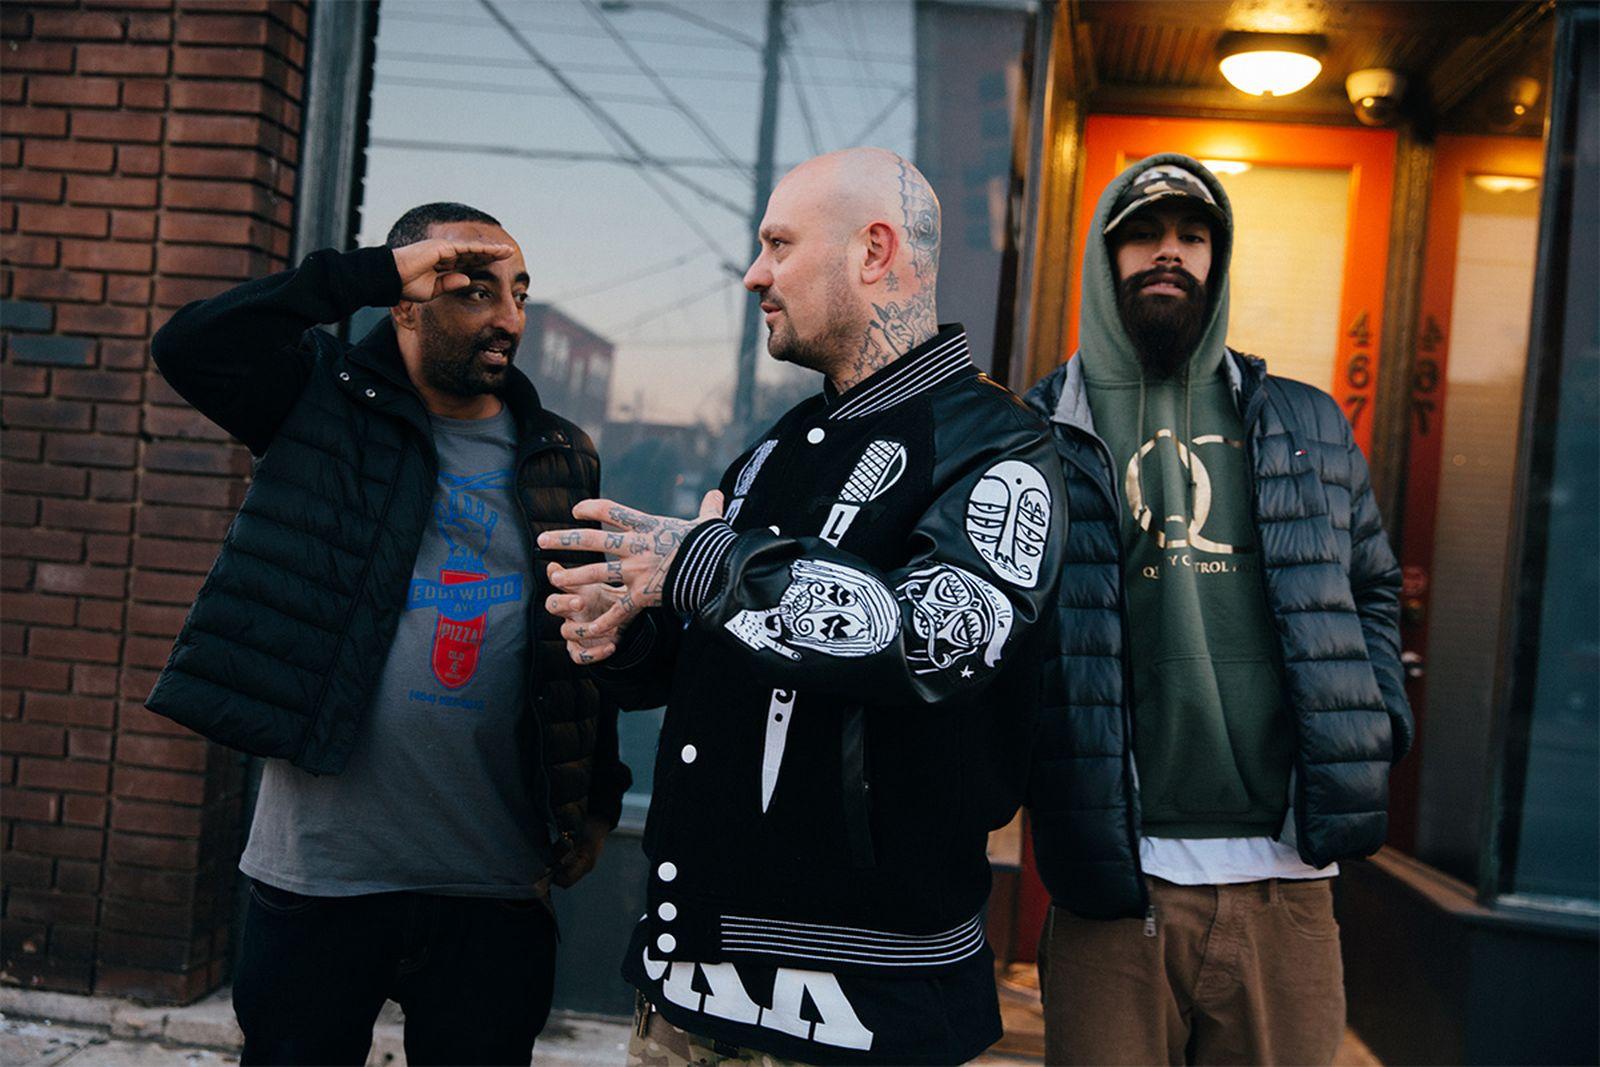 cultural-codes-atlanta-hip-hop-subculture-new-balance-03